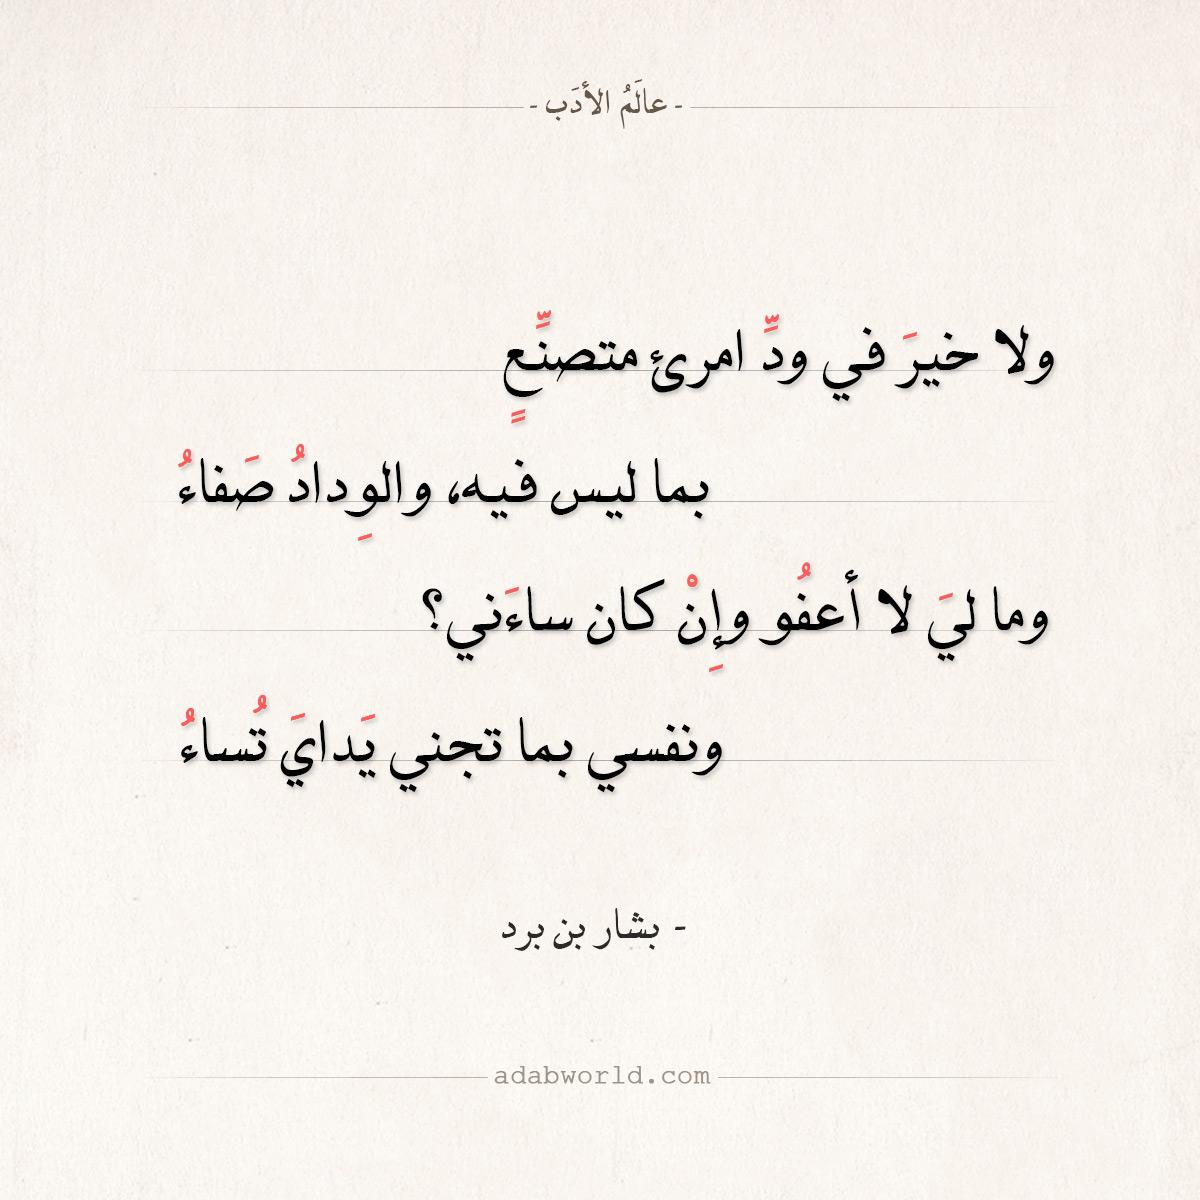 شعر بشار بن برد - ولا خير في ود امرئ متصنع